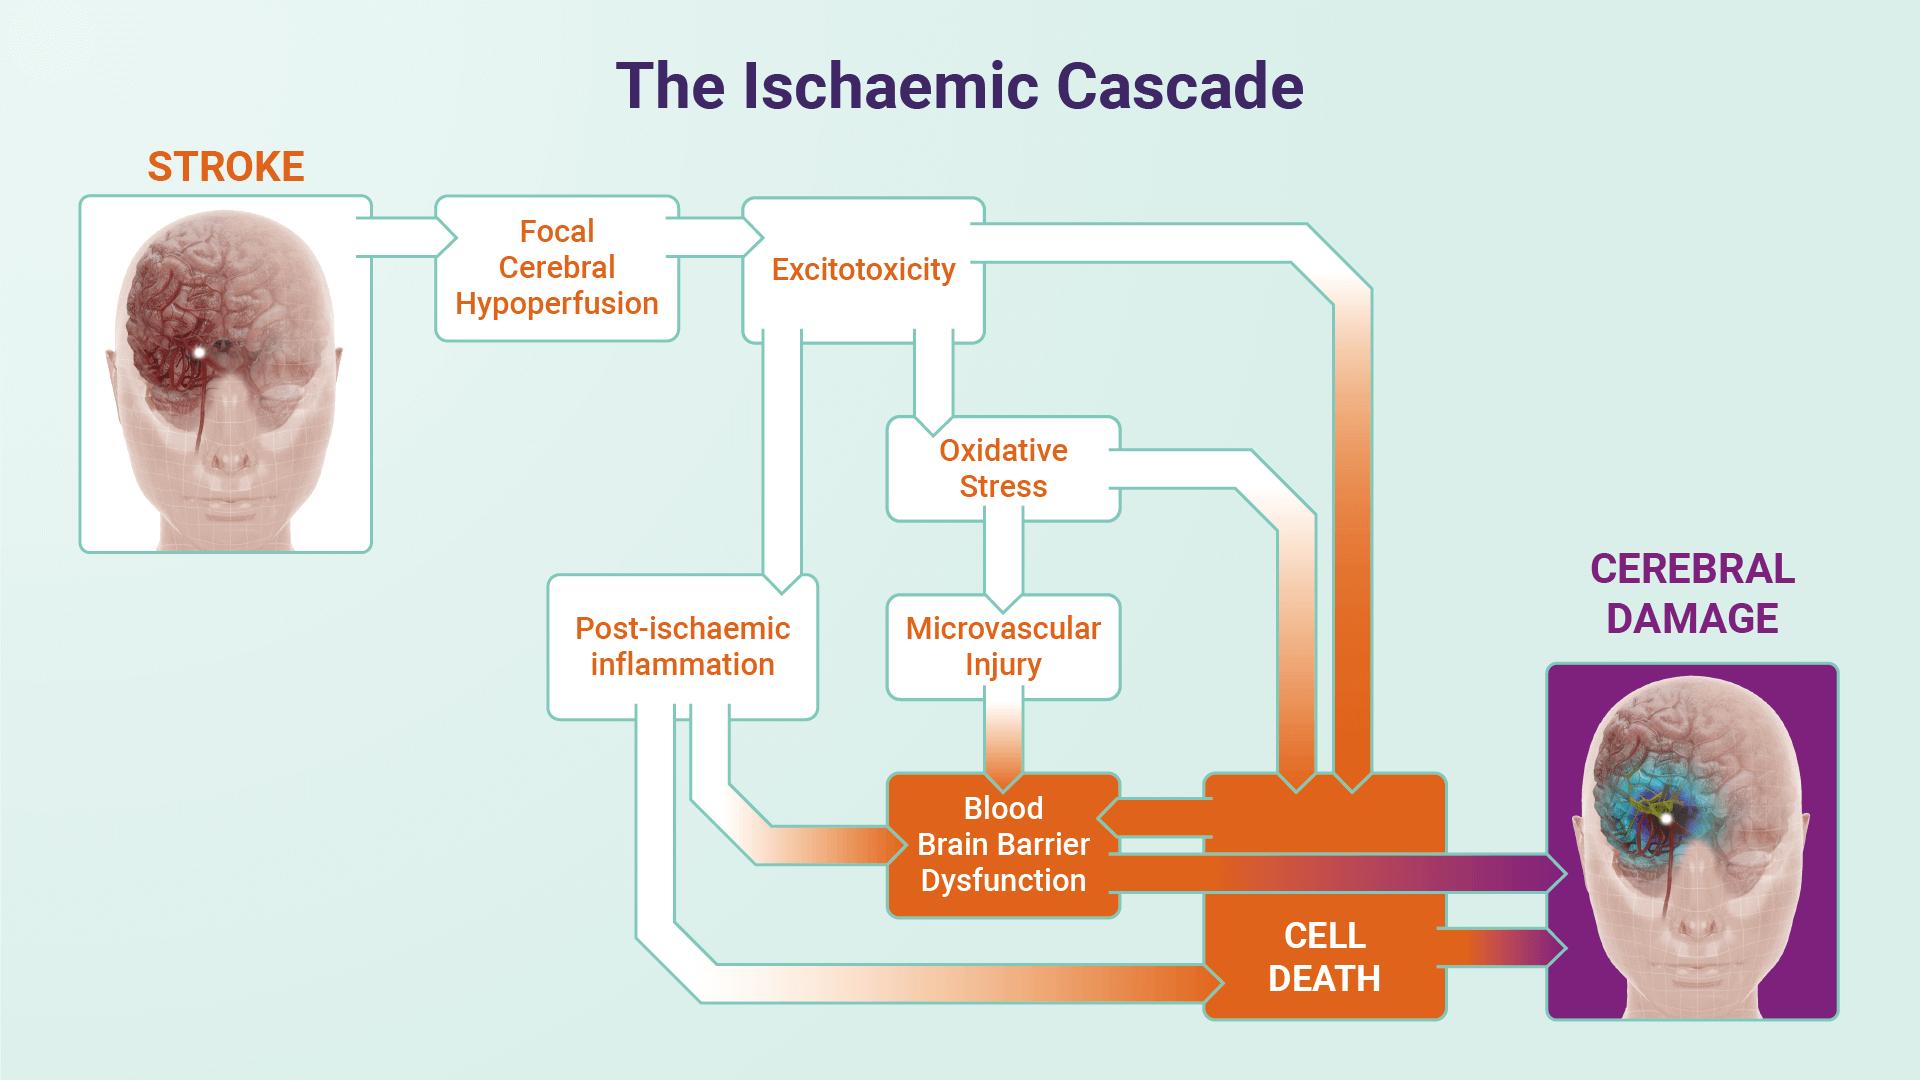 The Ischaemic Cascade